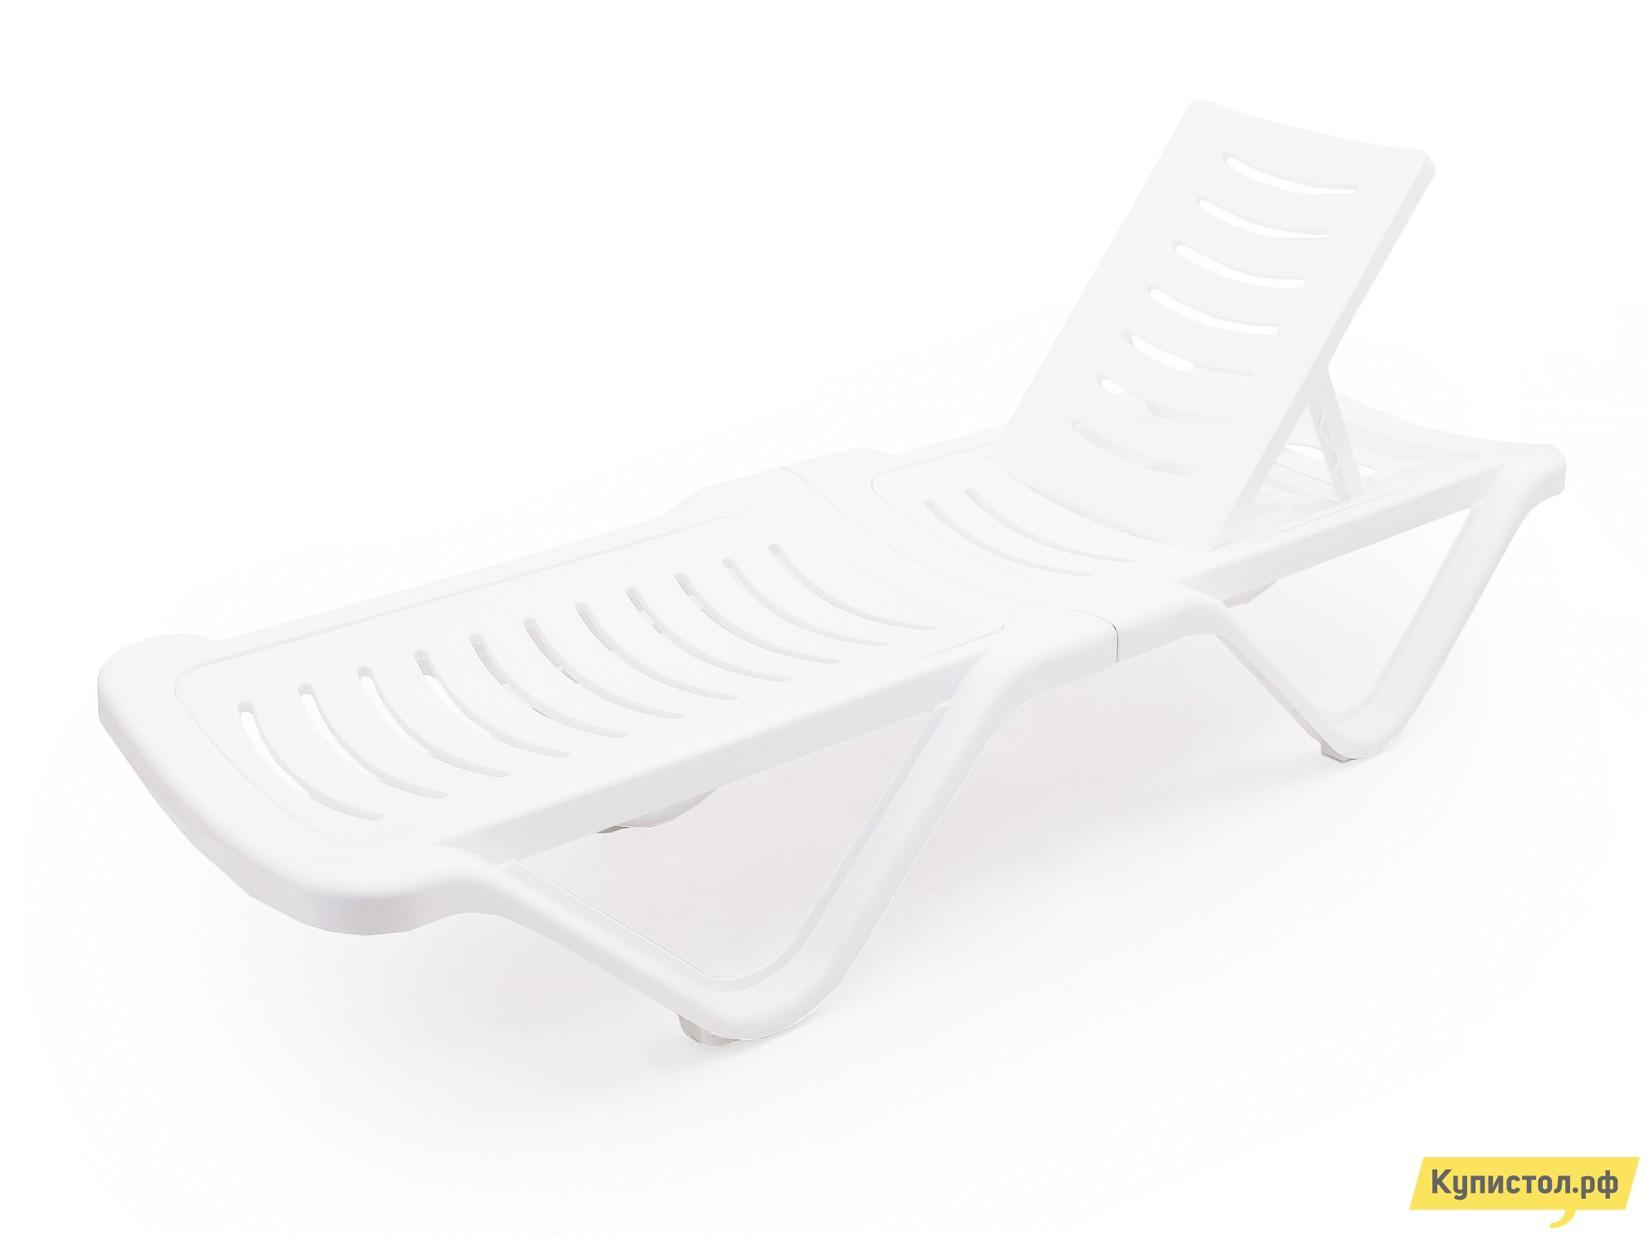 Шезлонг АТР Шезлонг (1920х620х320) белый Белый